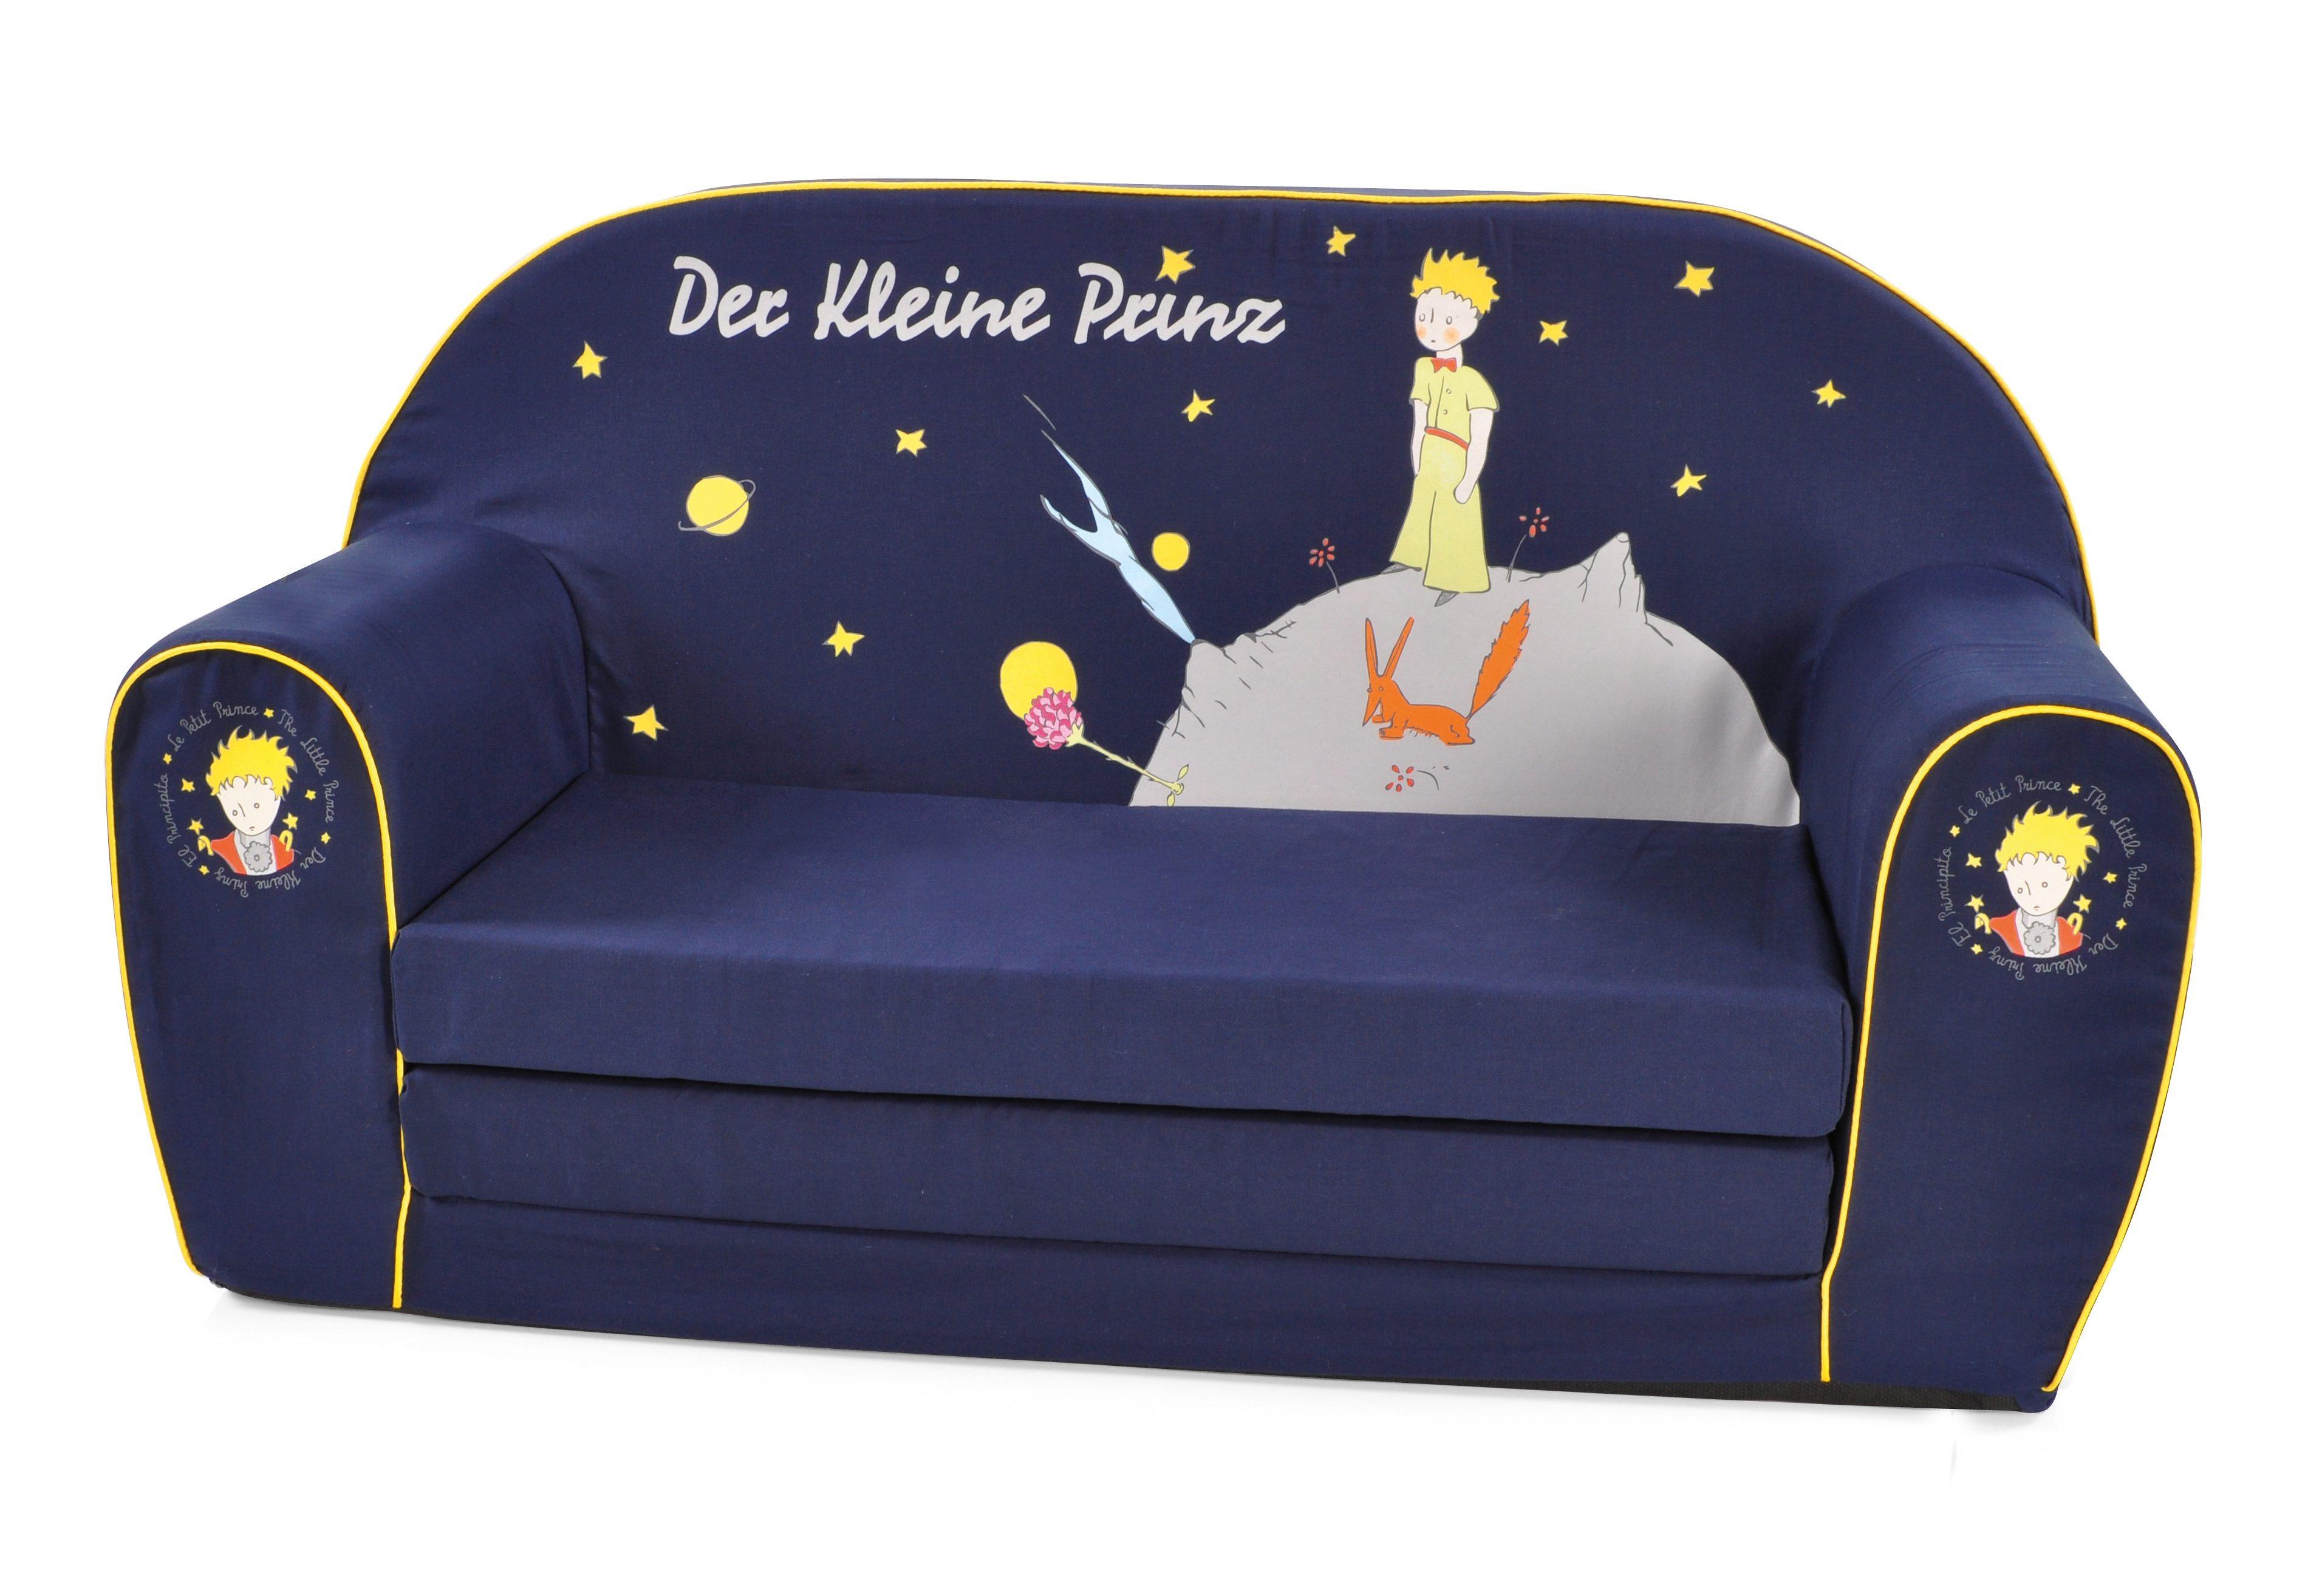 Knorrtoys Sofa Der Kleine Prinz Baur